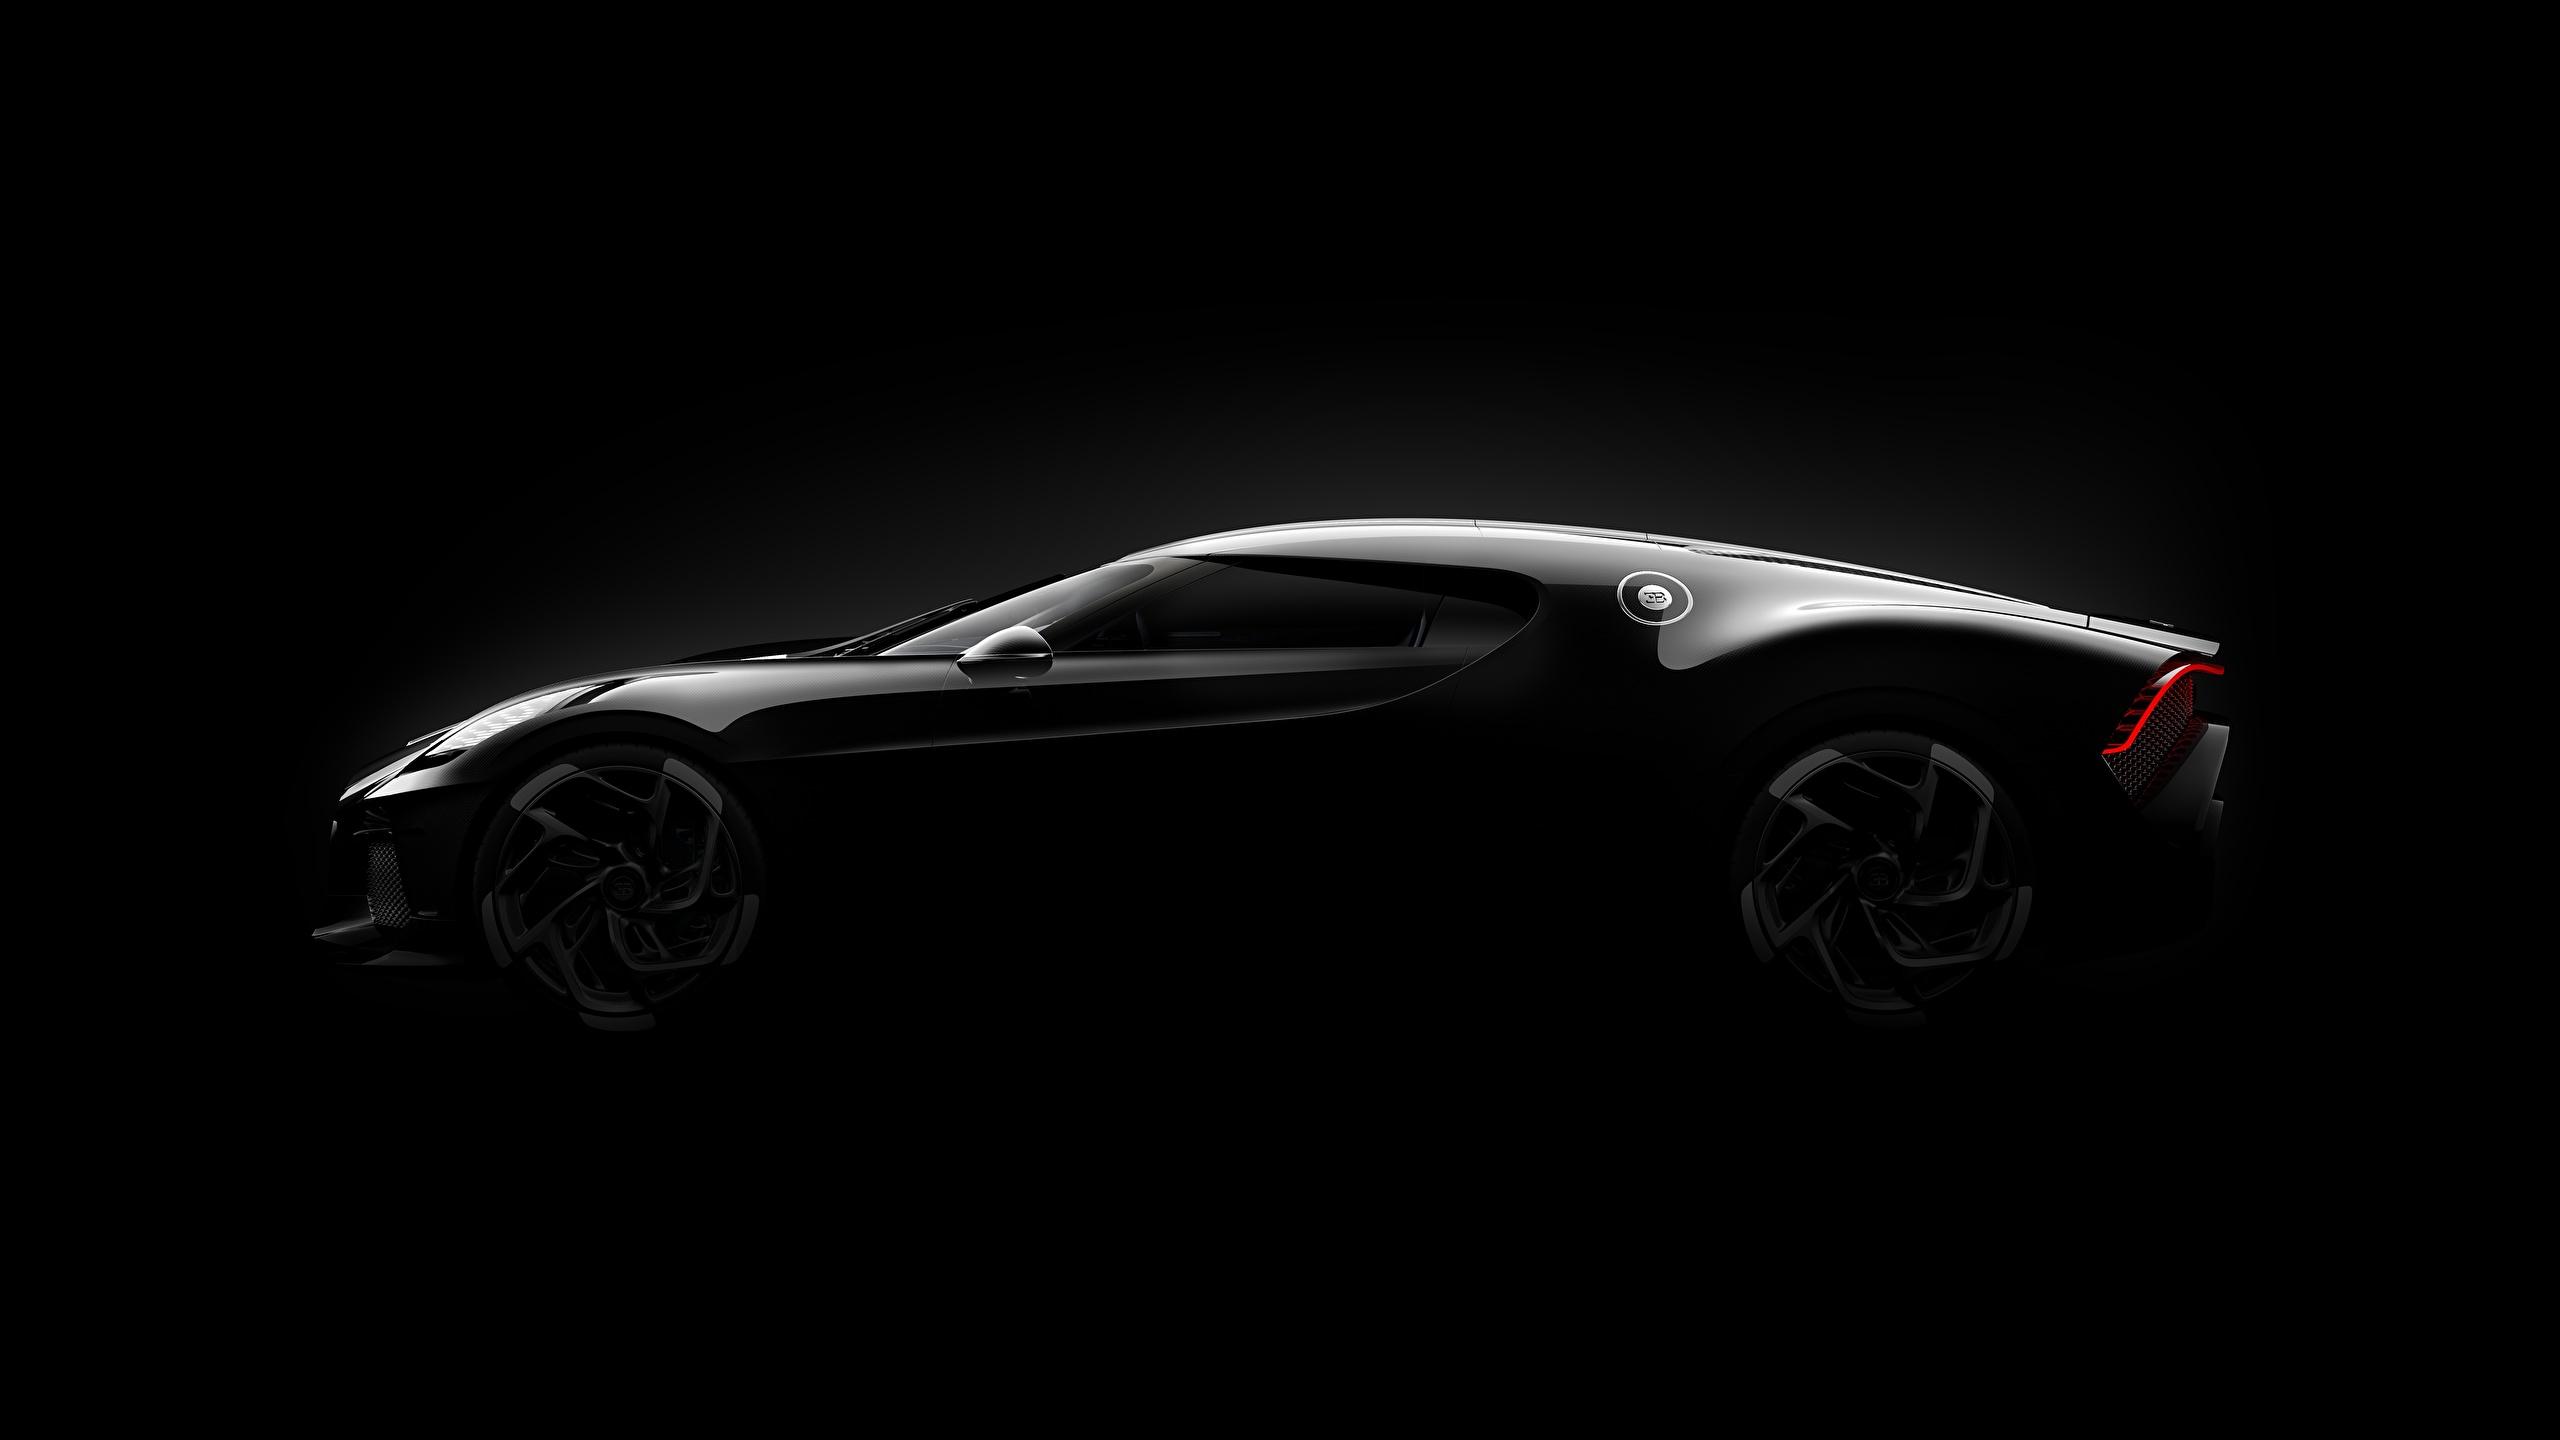 Fondos De Pantalla 2560x1440 Bugatti 2019 La Voiture Noire